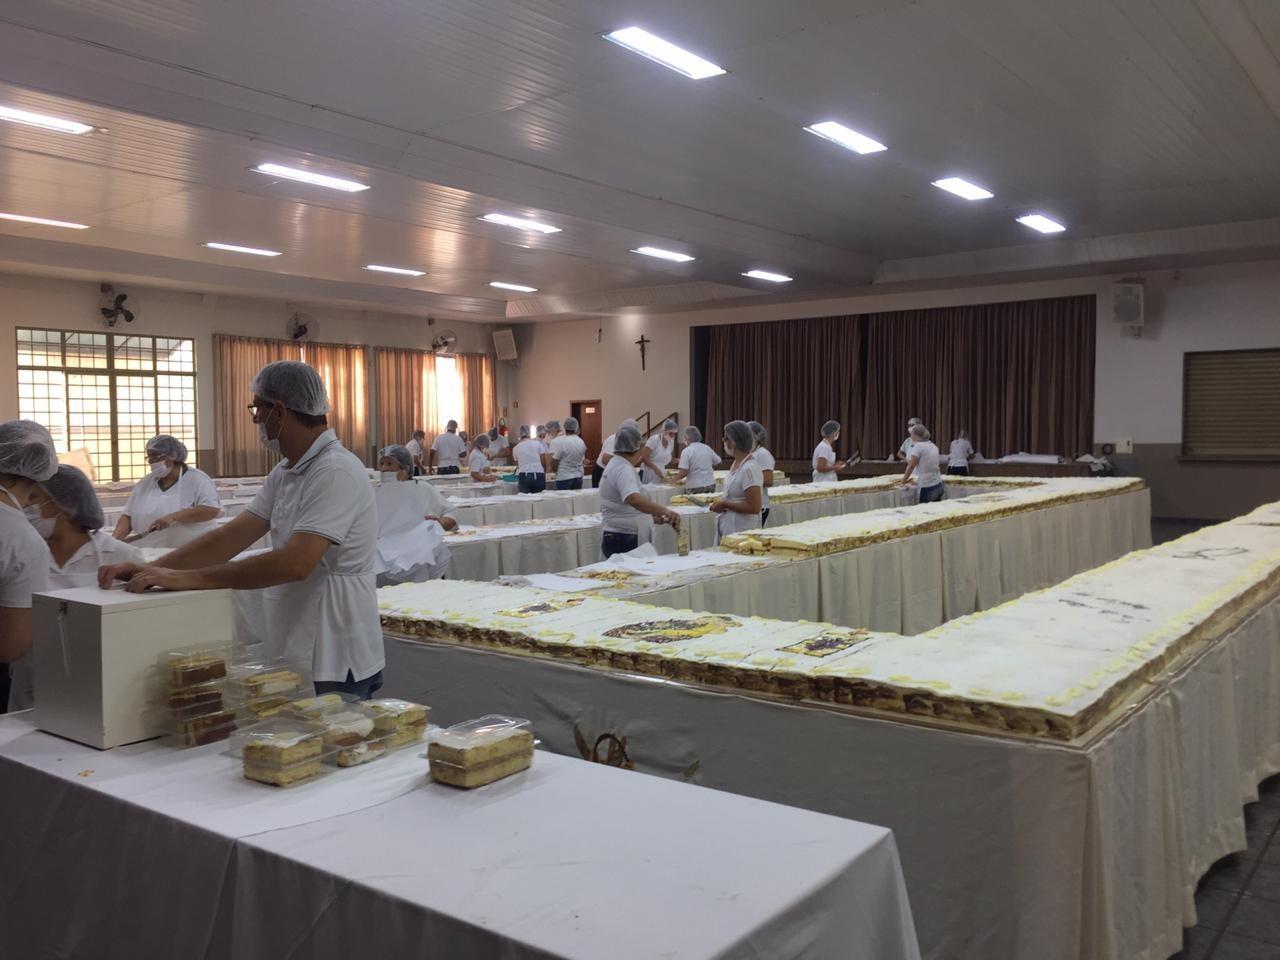 Fiéis fazem fila para garantir um pedaço do bolo de Santo Antônio